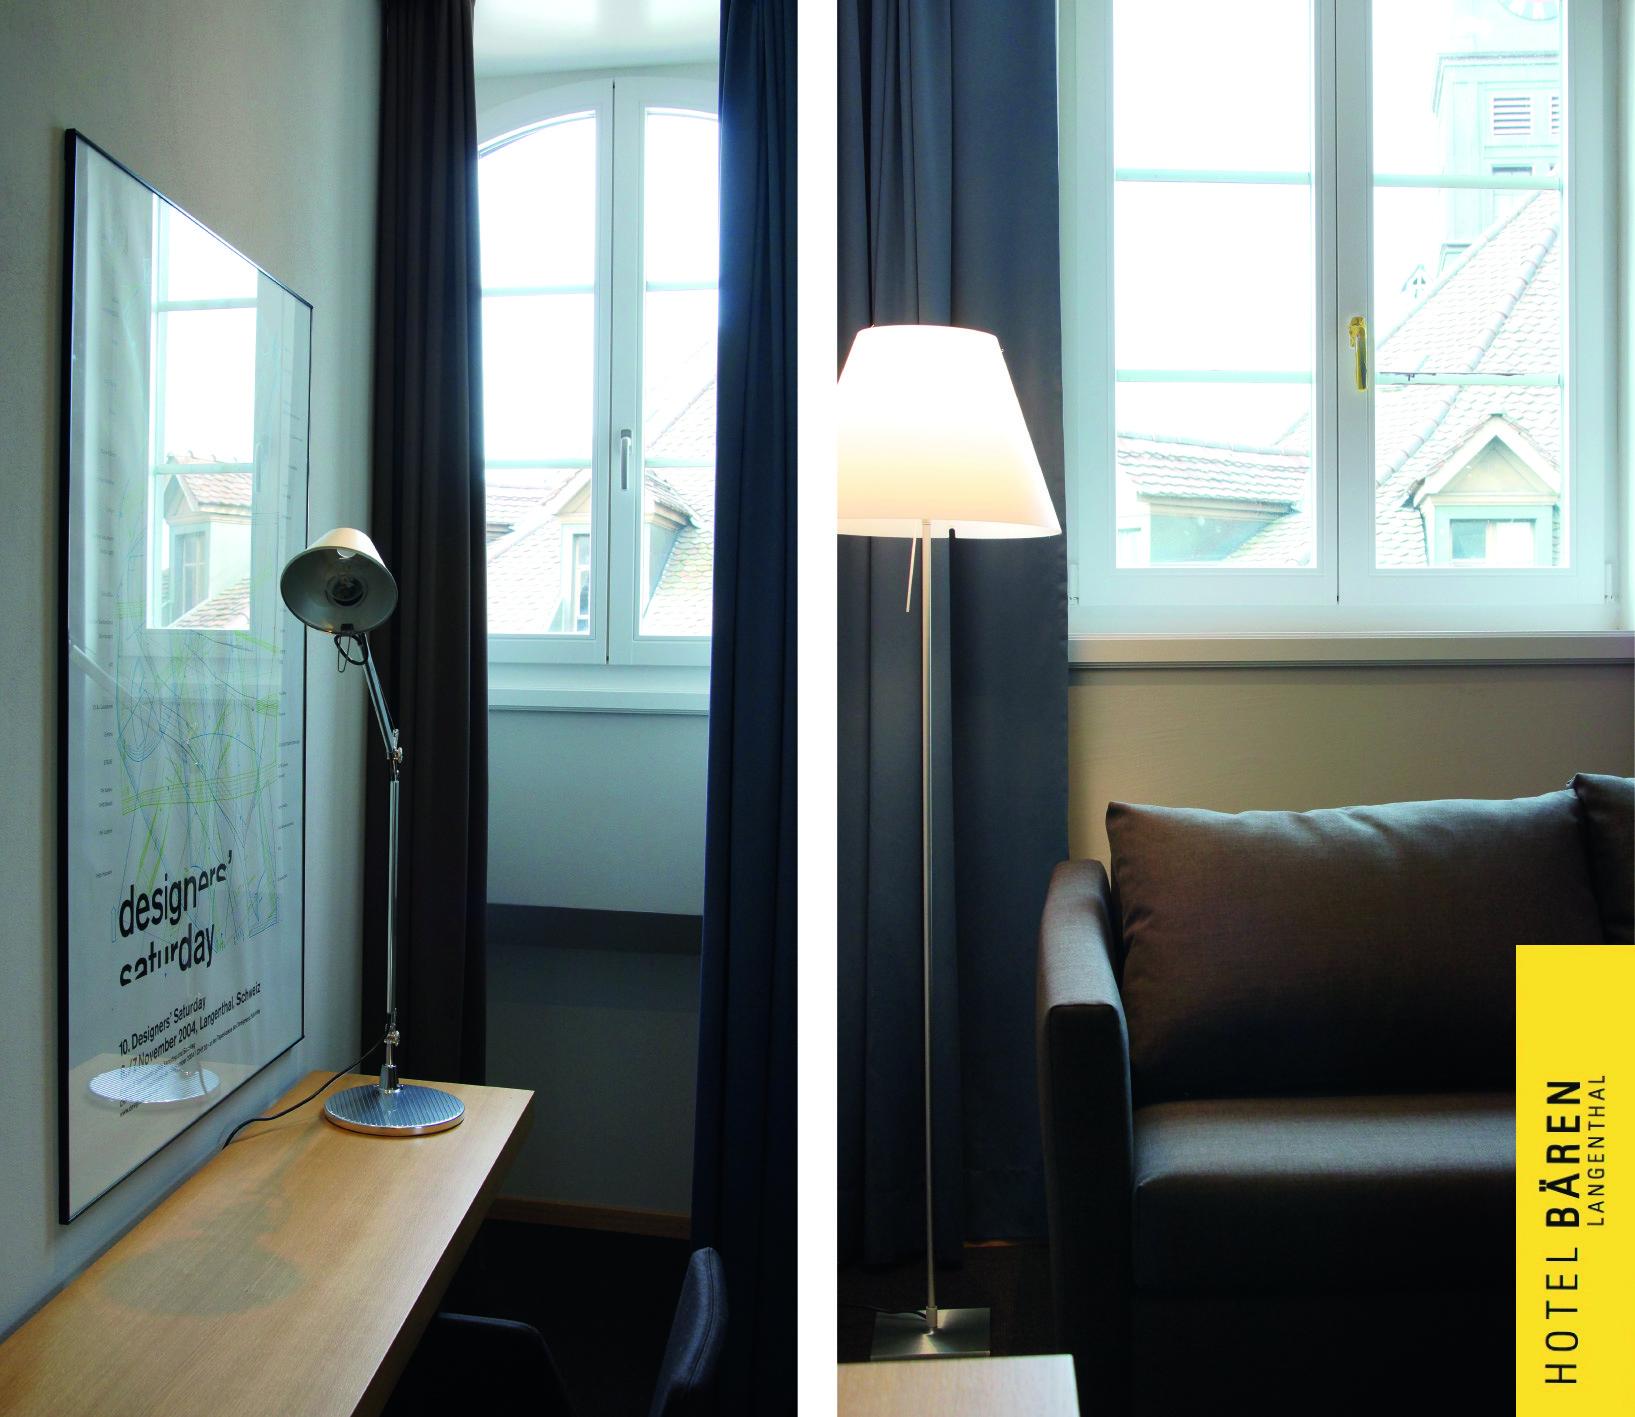 design zimmer b ren langenthal. Black Bedroom Furniture Sets. Home Design Ideas